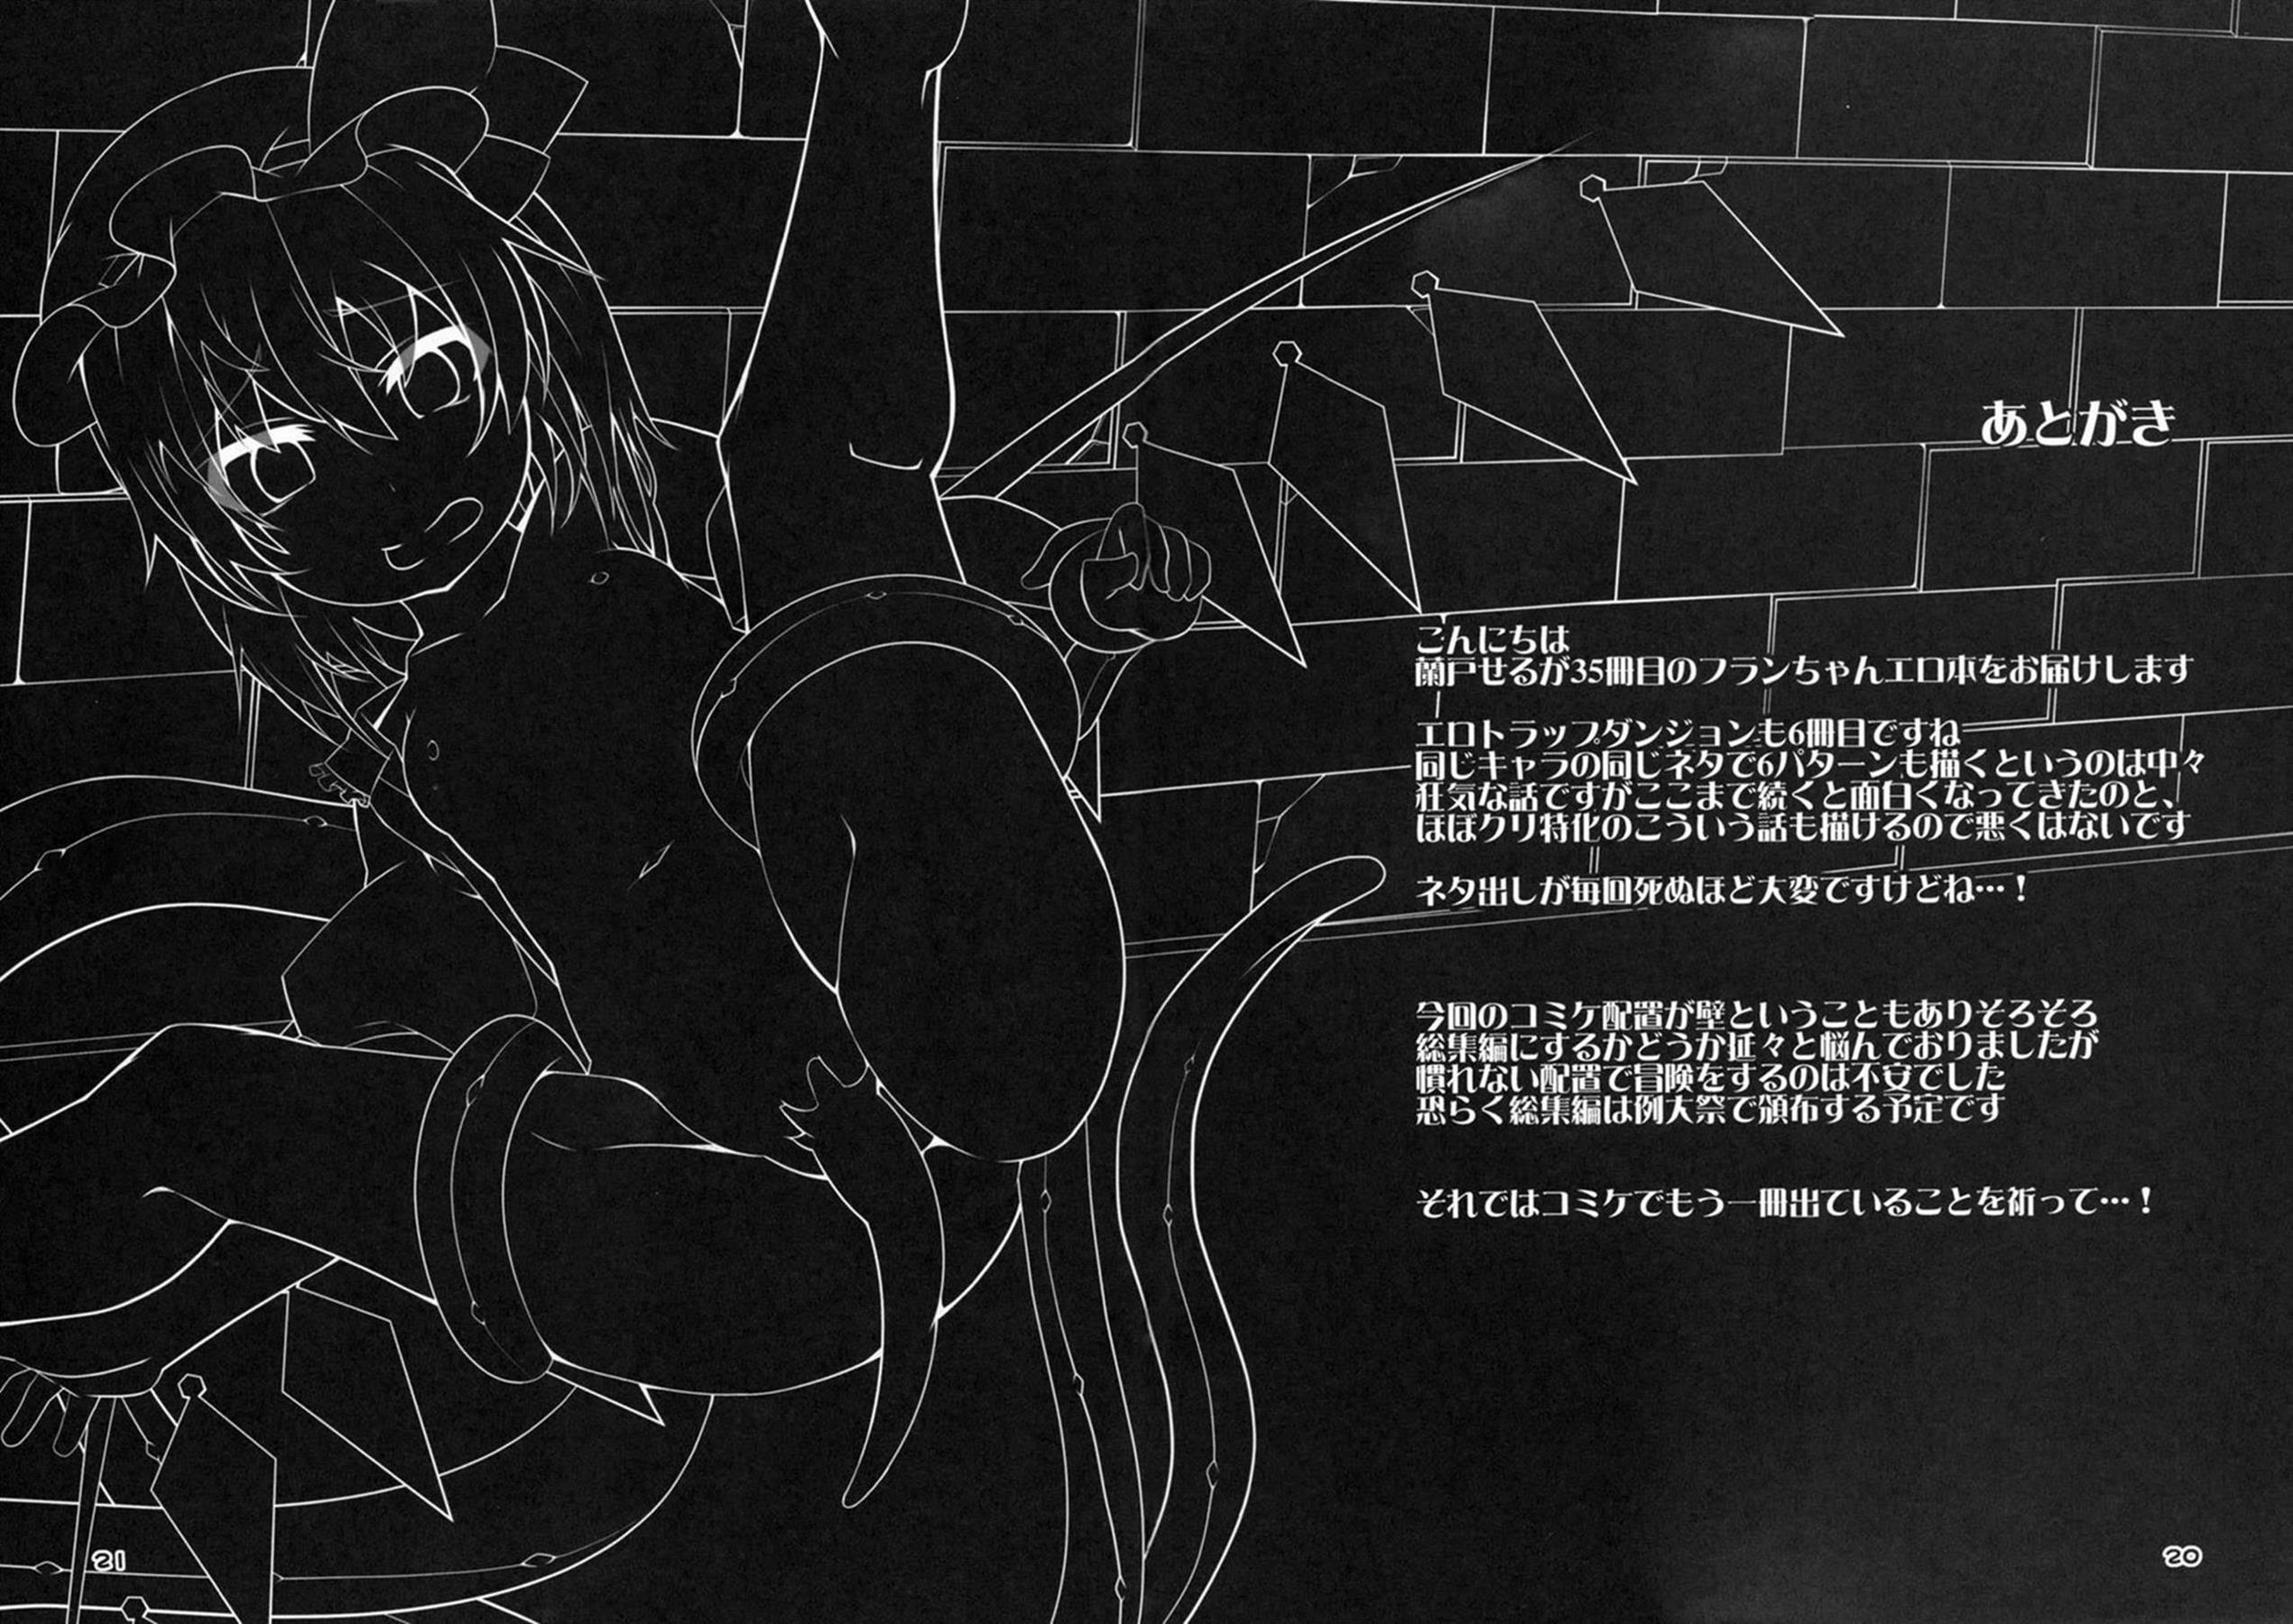 【東方 エロ漫画・エロ同人】エロトラップにハマりまくってイかされすぎて結局抜け出せなかったフランちゃんwwwww (22)